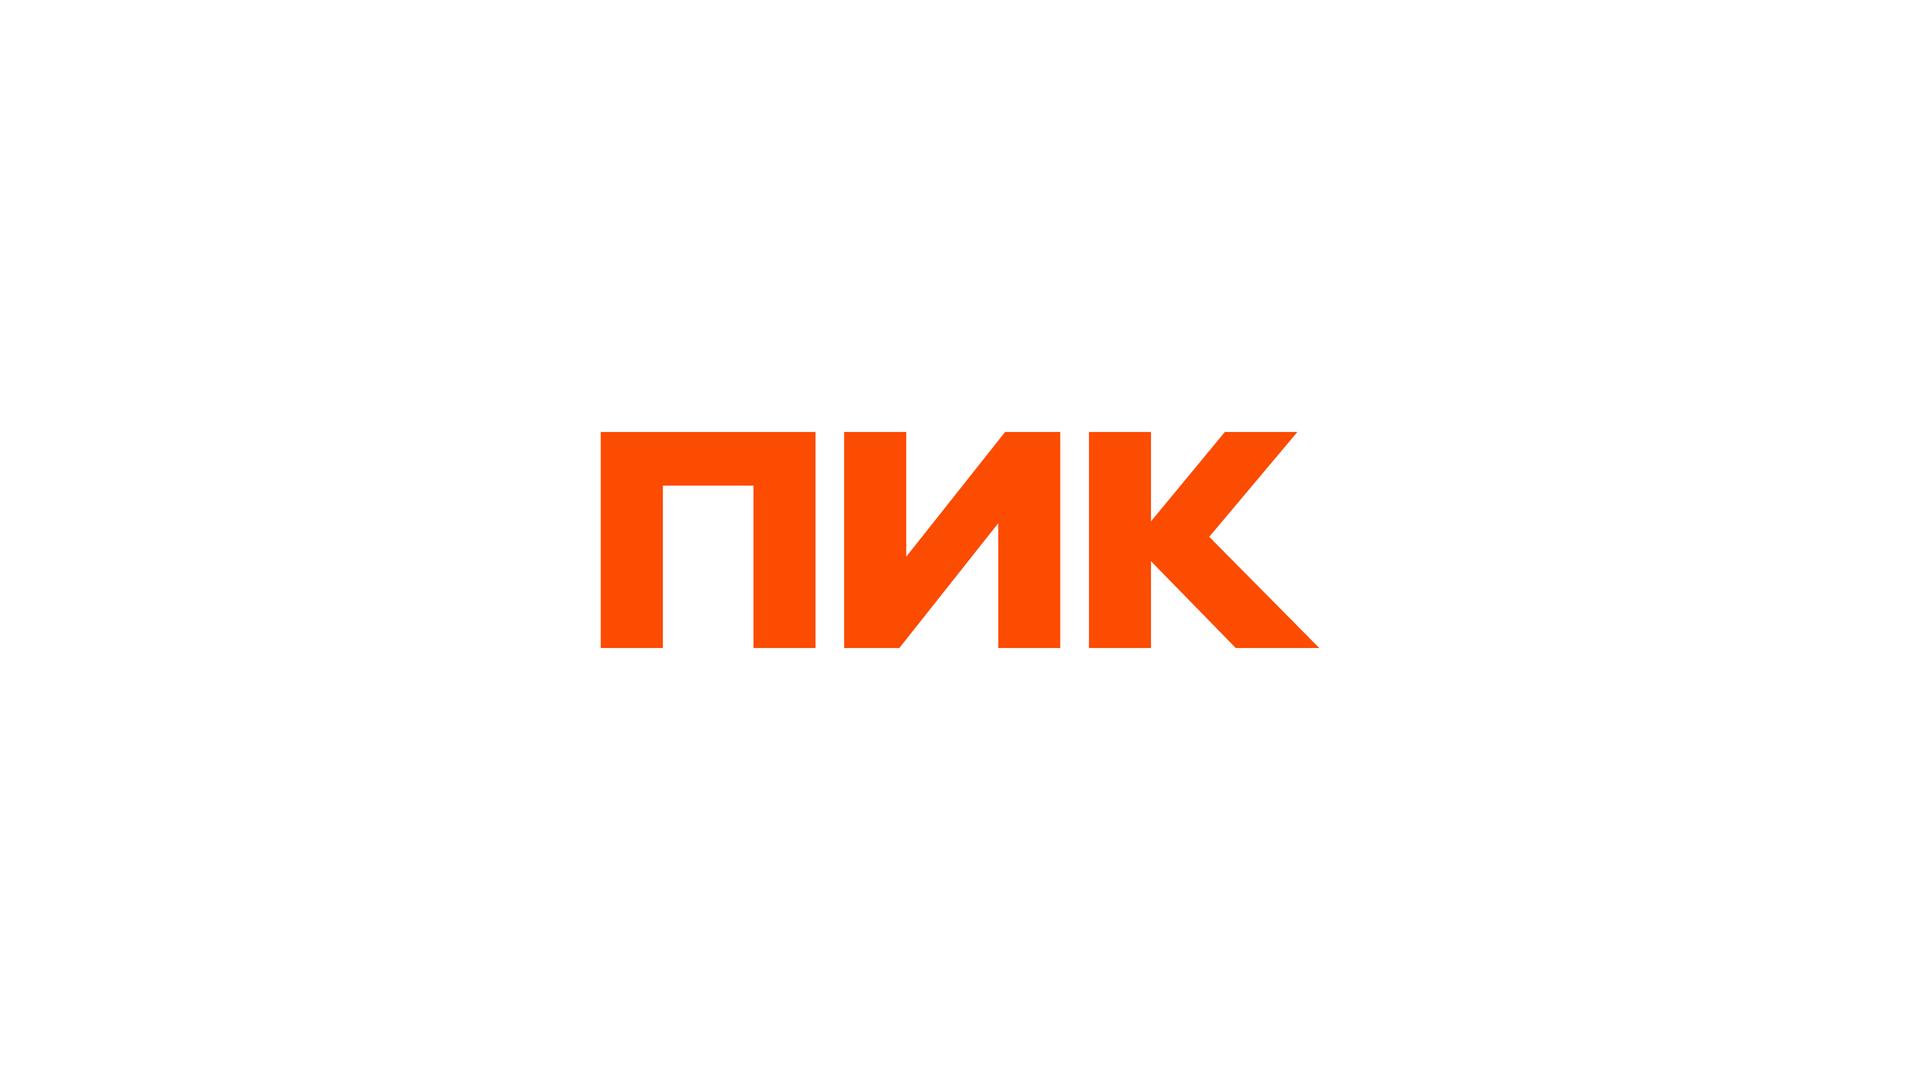 Логотип девелопера ПИК - РИА Новости, 1920, 23.10.2020